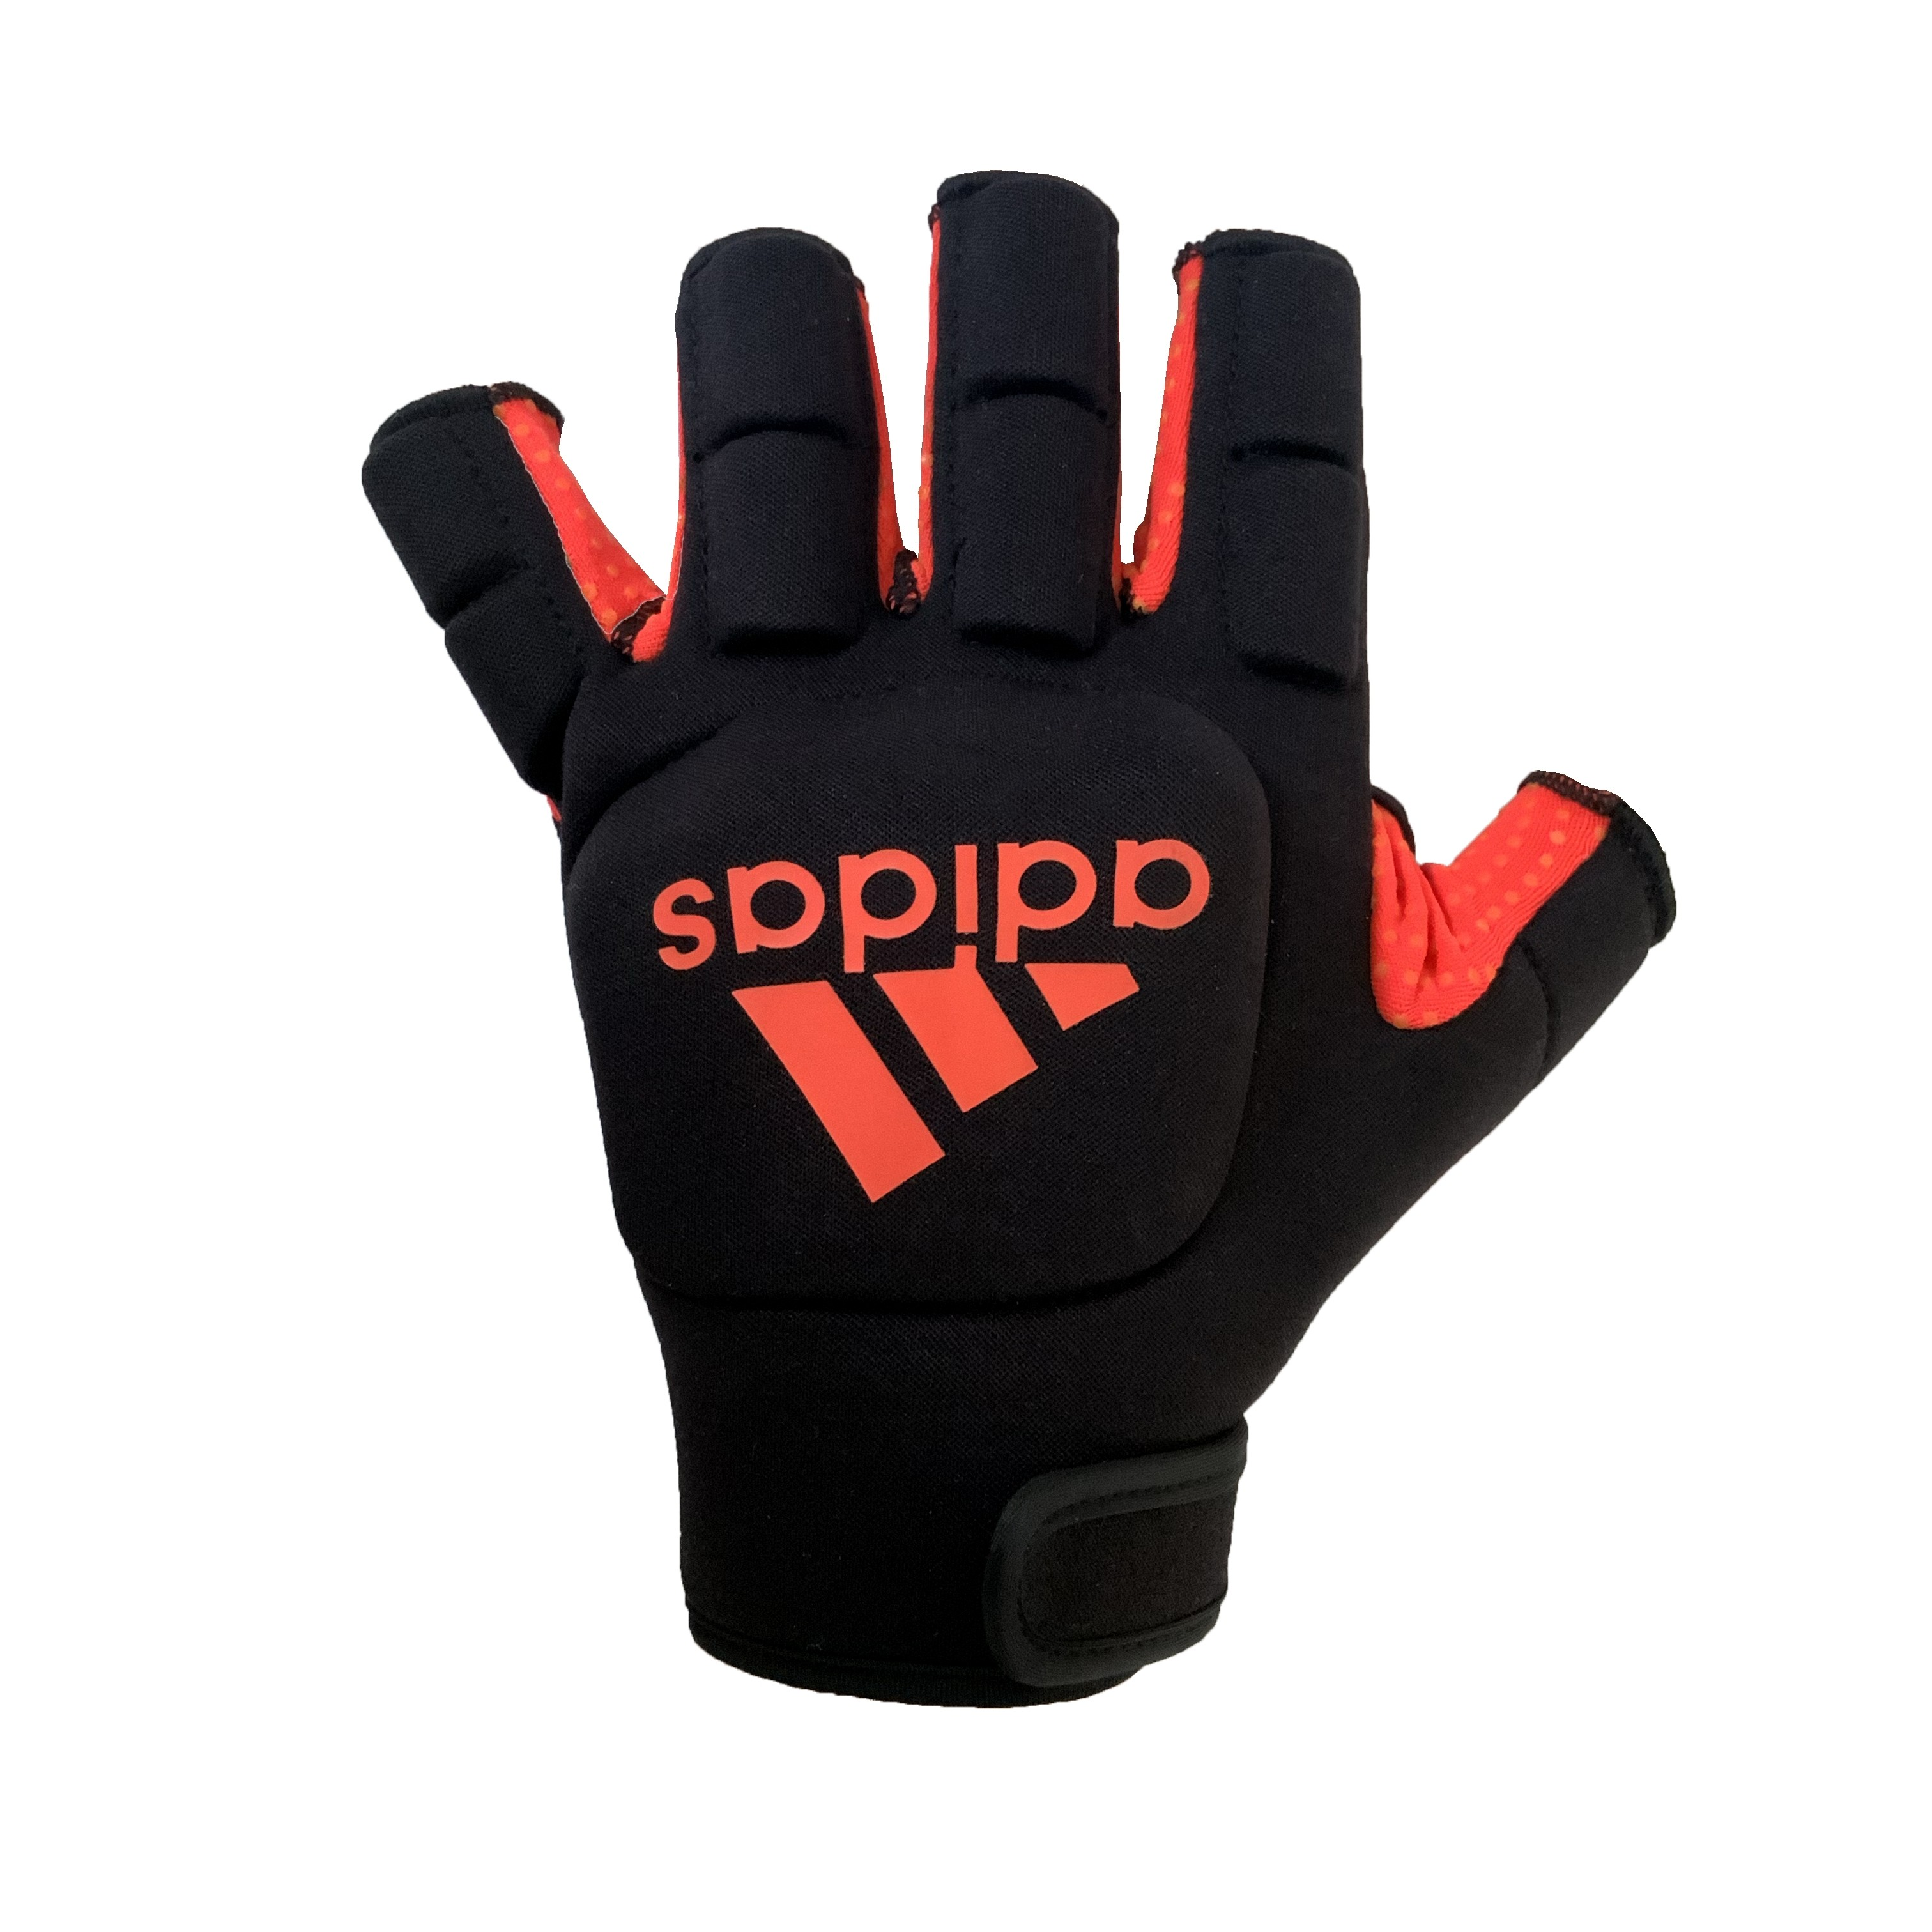 2021/22 Adidas Hockey OD Hockey Gloves - Black